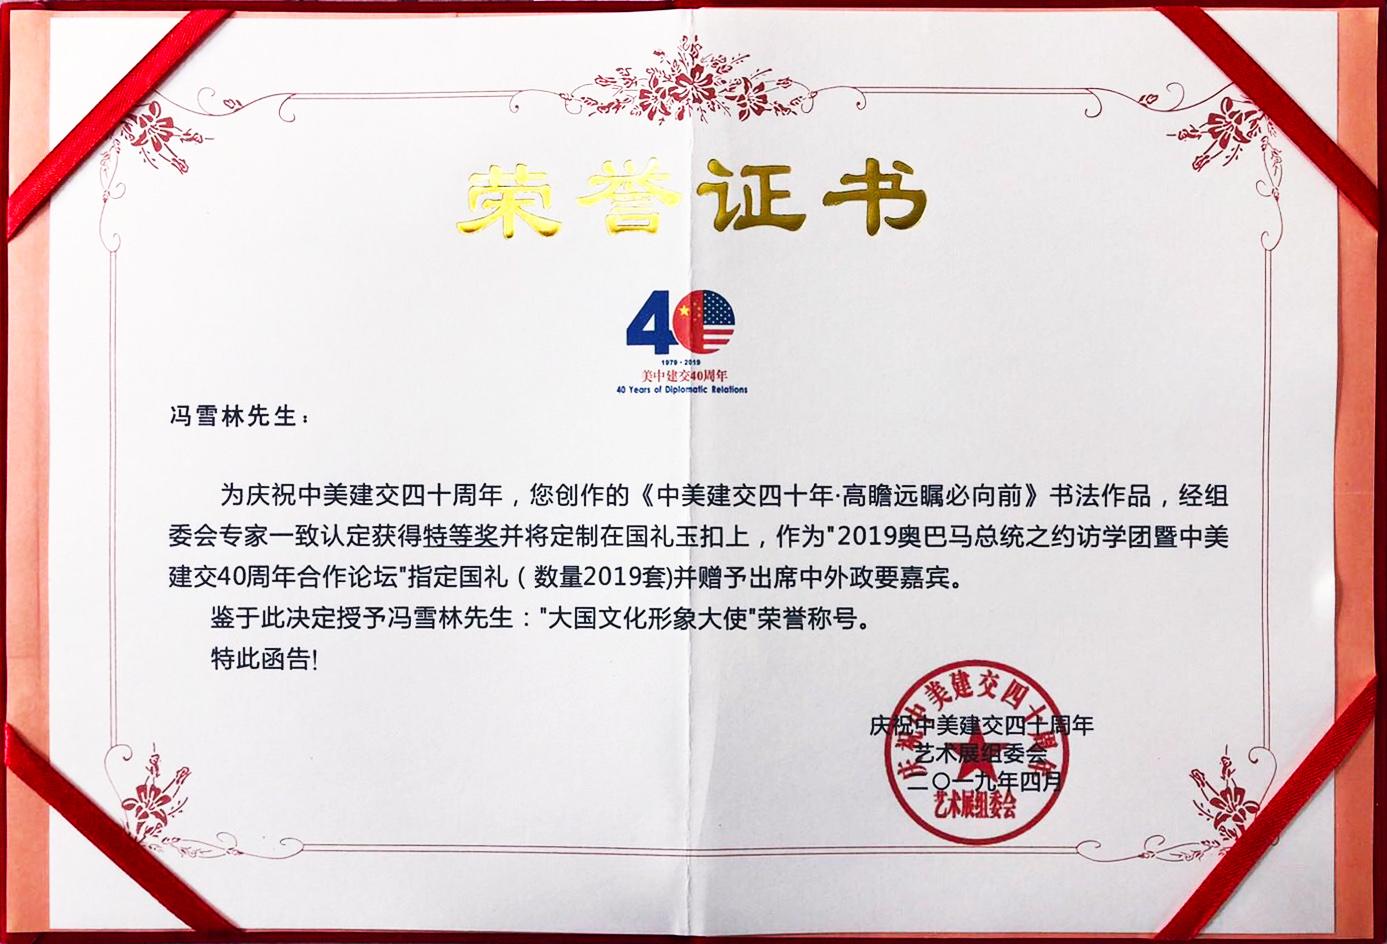 美中建交40周年合作论坛指定国礼荣誉证书